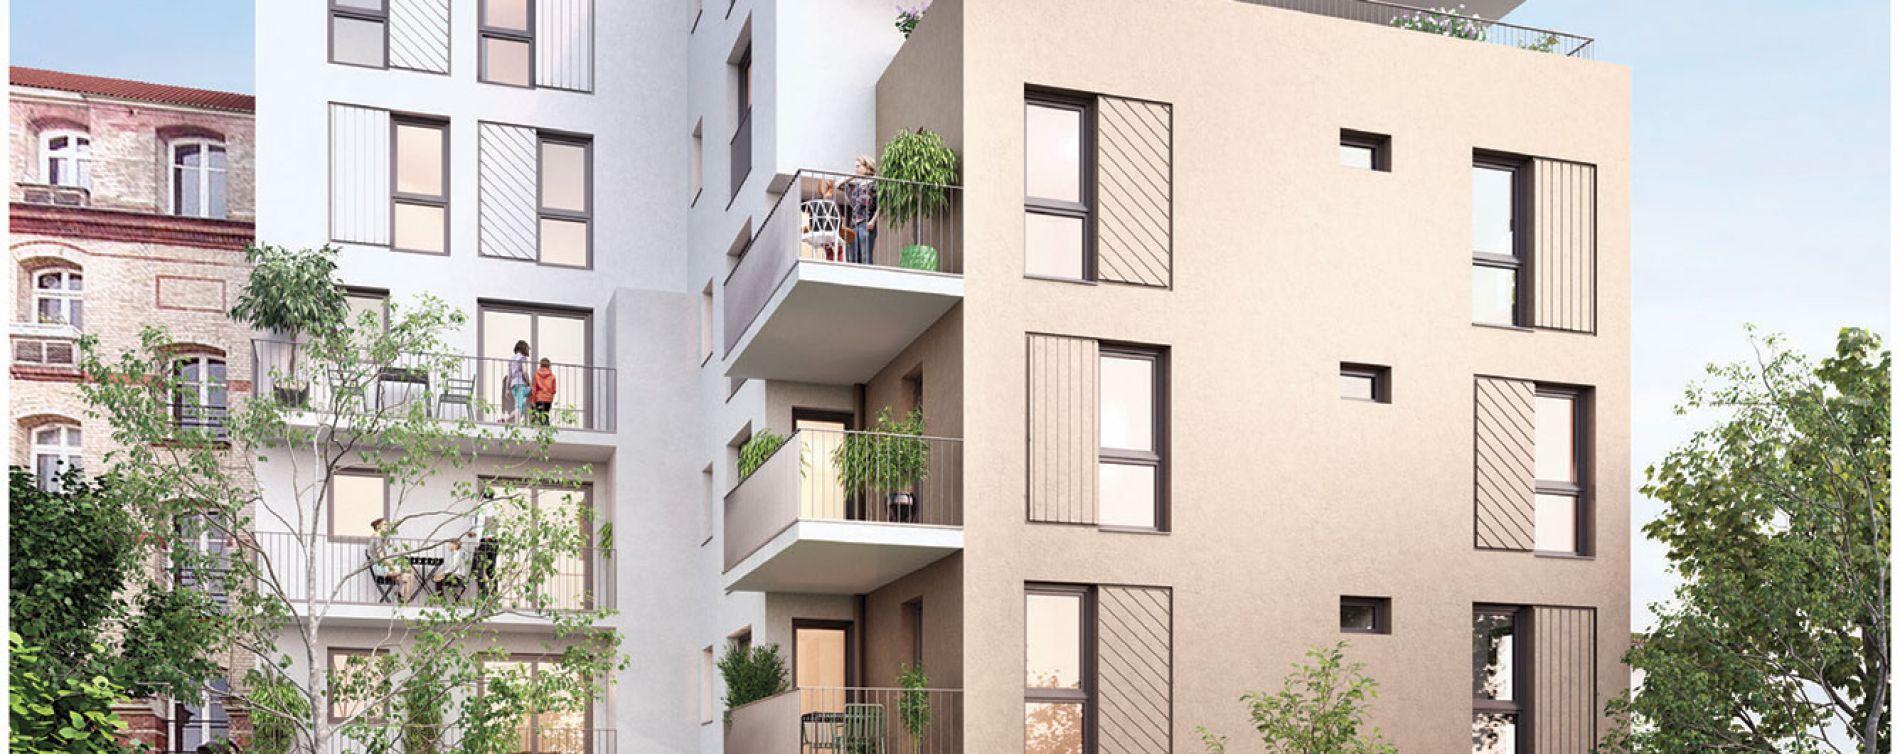 Résidence Tremblay Avenue à Champigny-sur-Marne